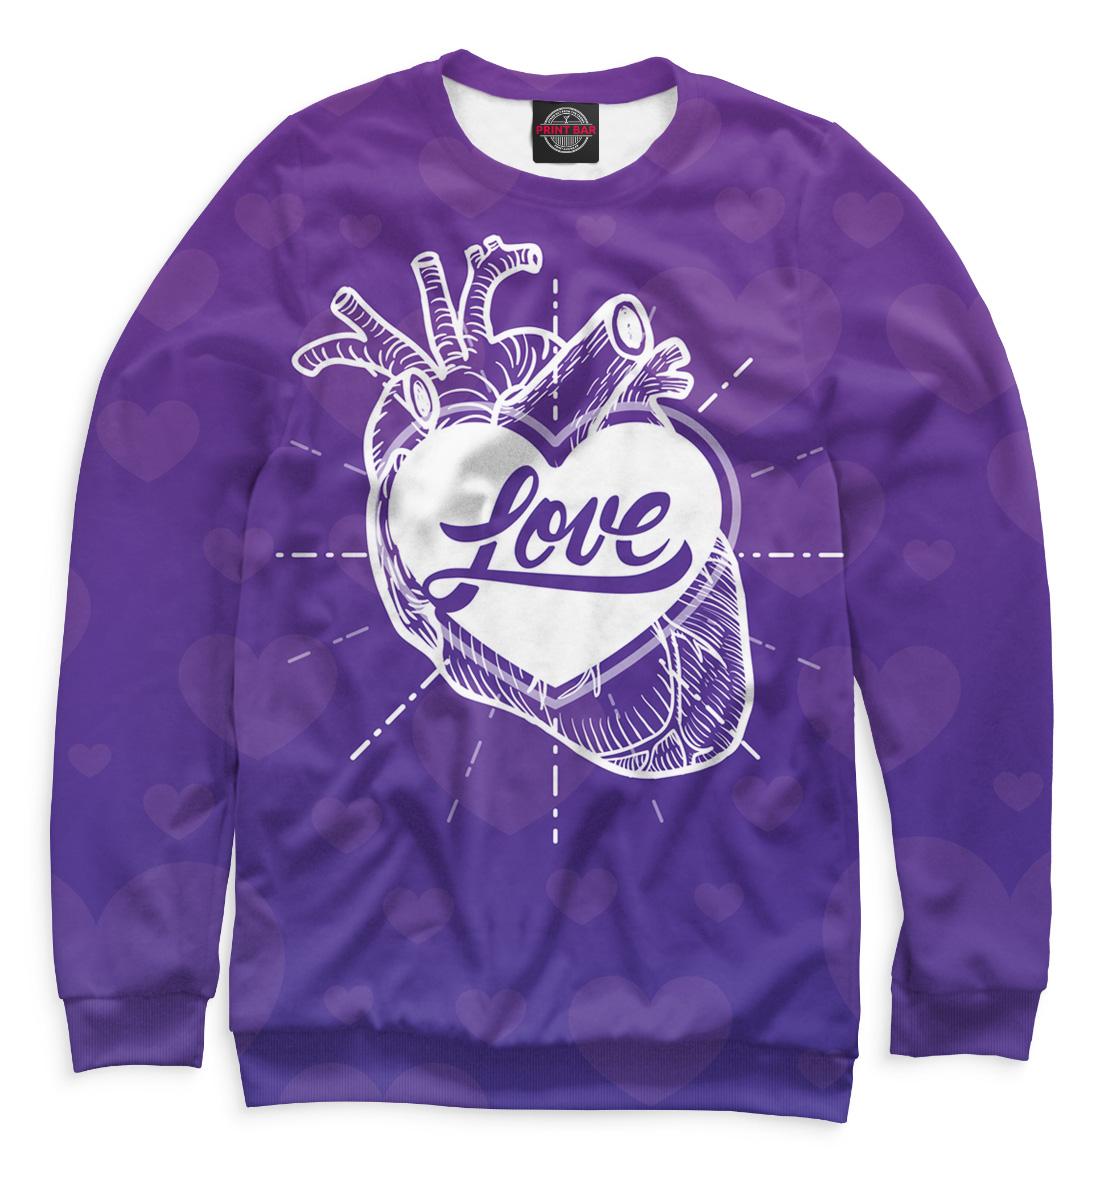 Купить Любовь в сердце, Printbar, Свитшоты, 14F-304672-swi-2